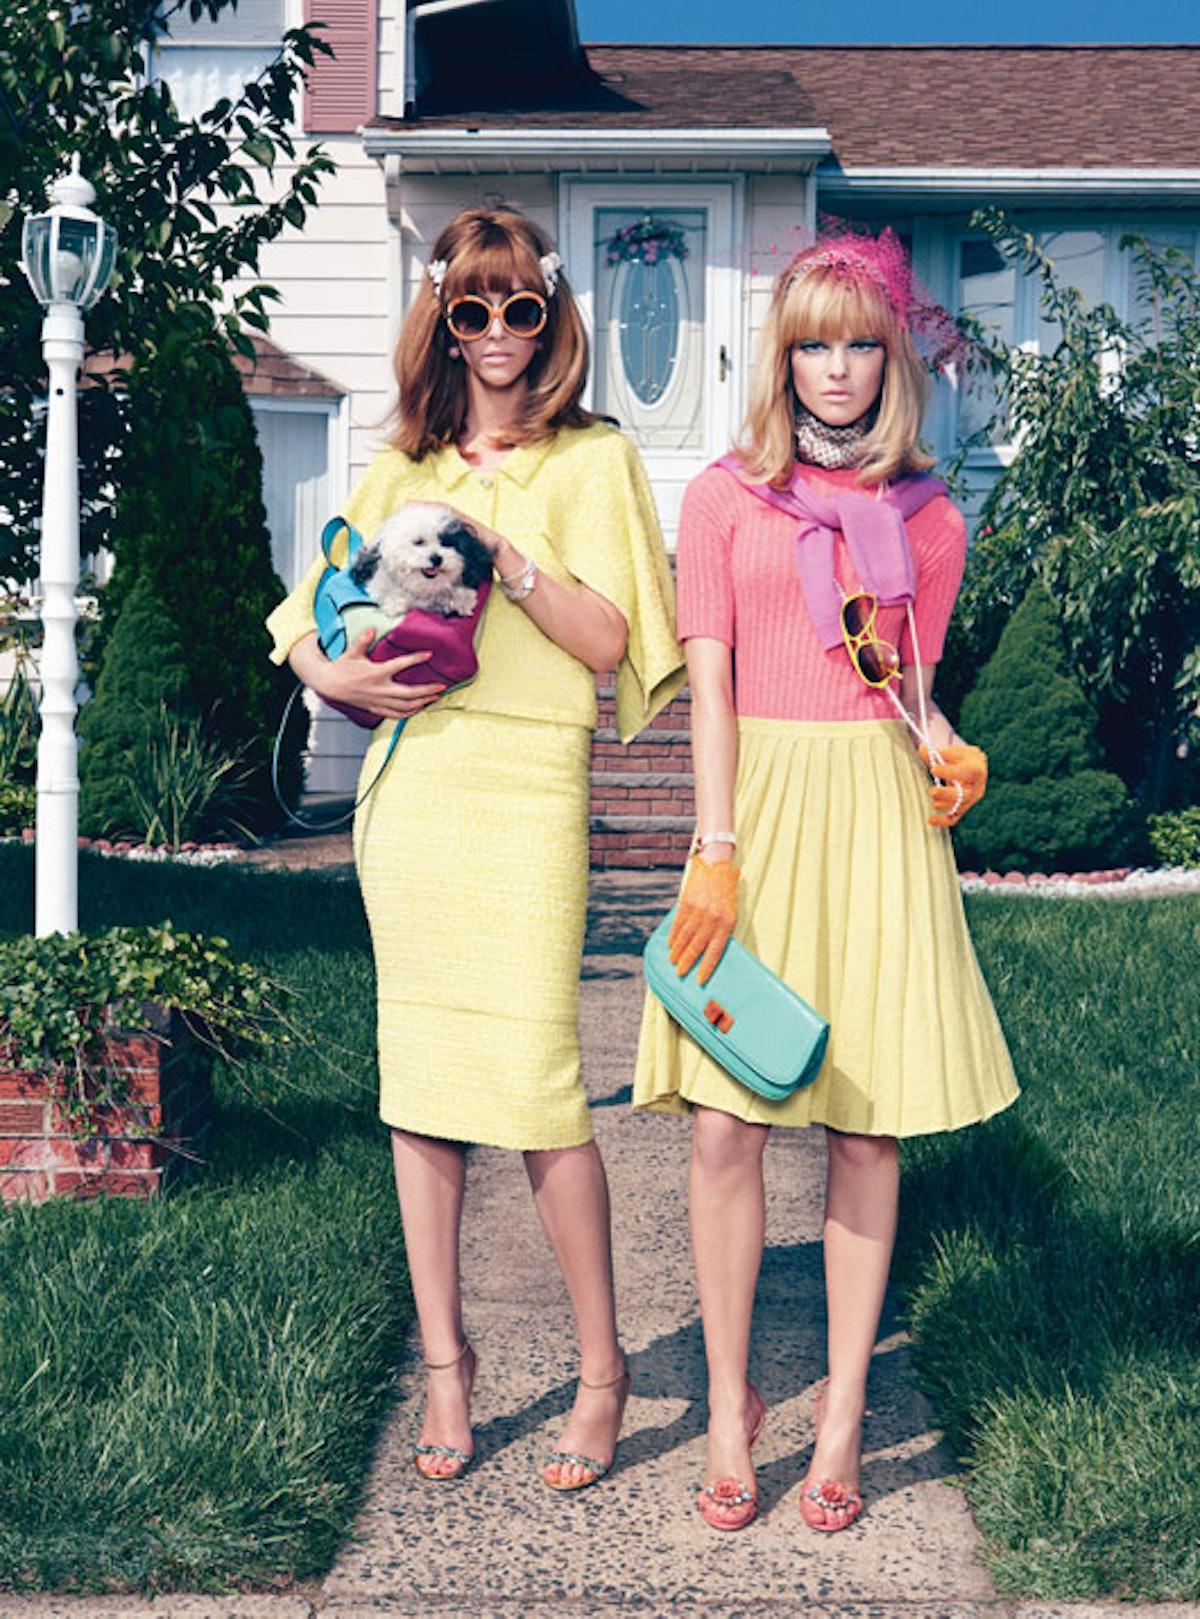 fass-fall-fashion-suburbs-02-l.jpg